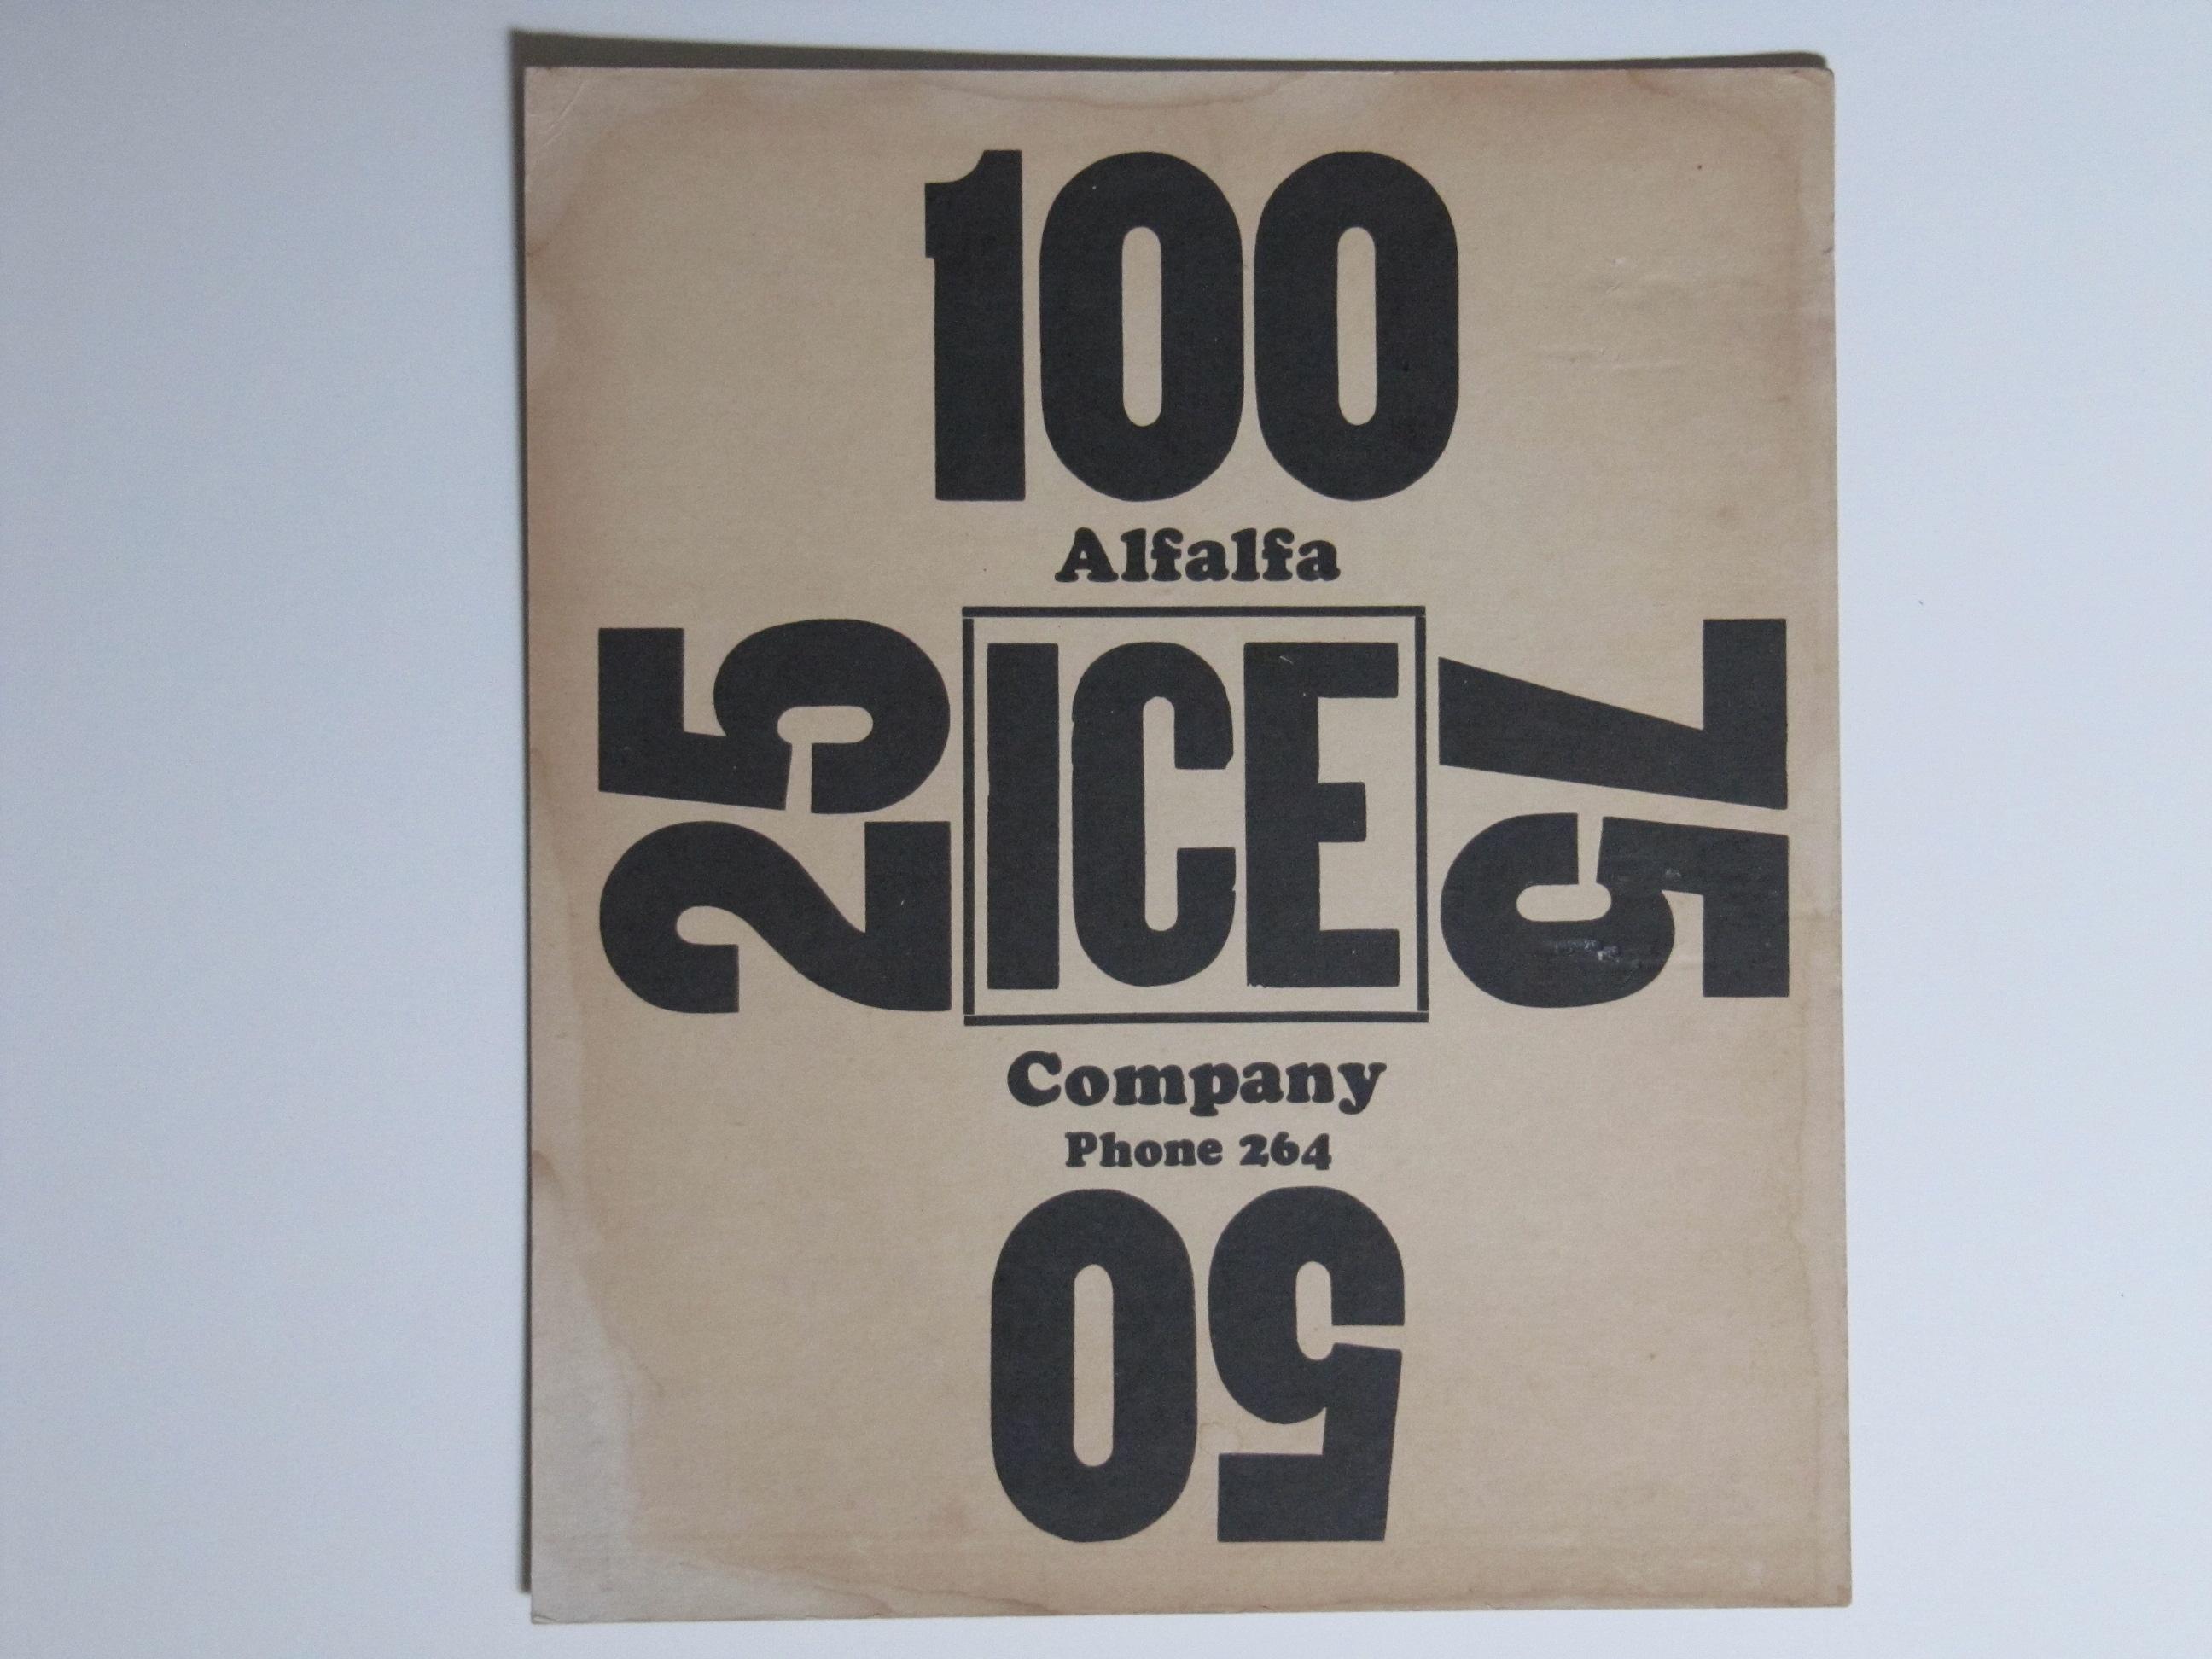 Alfalfa company